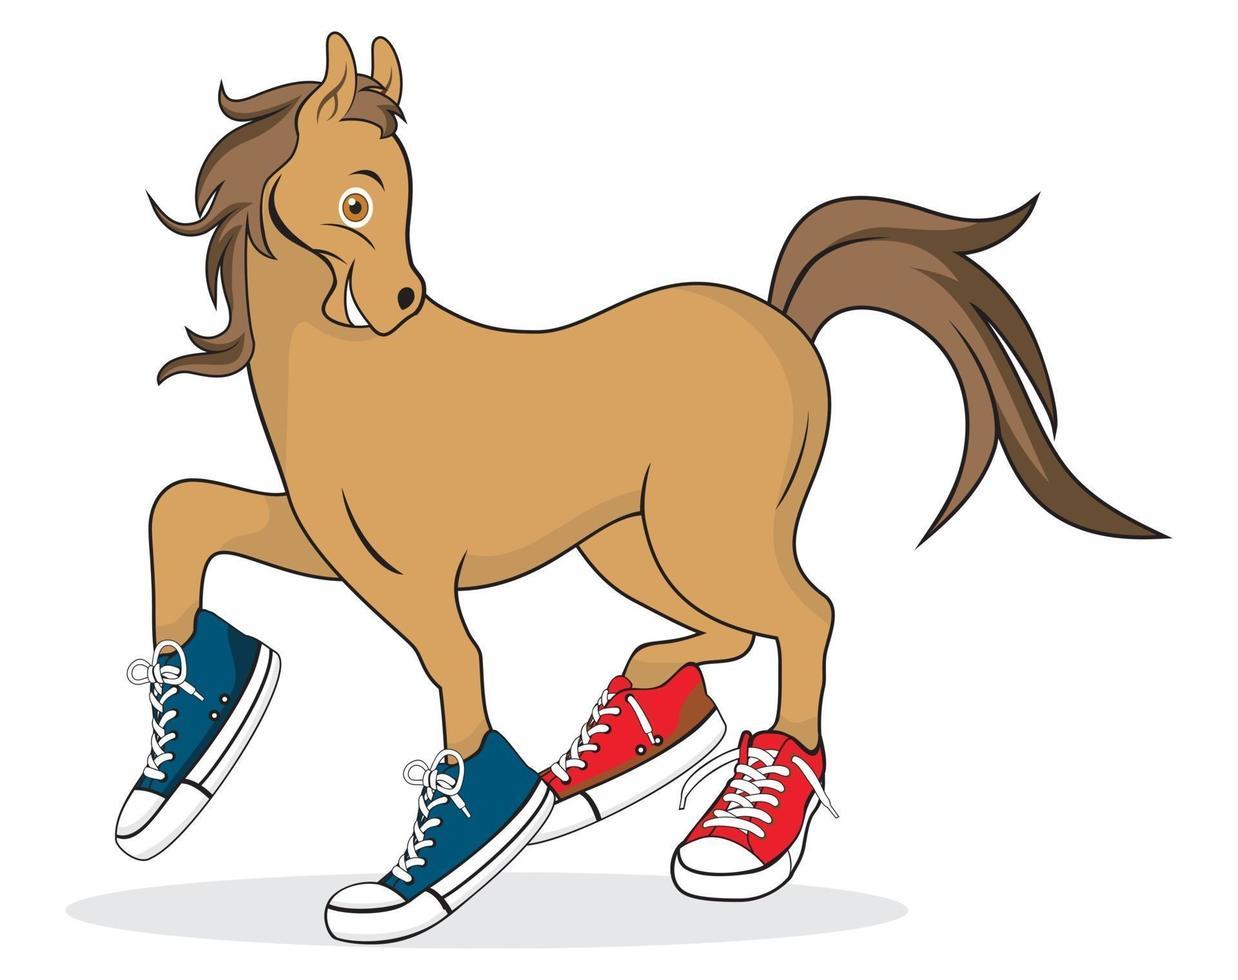 häst tecknad bär skor karaktär illustration vektor